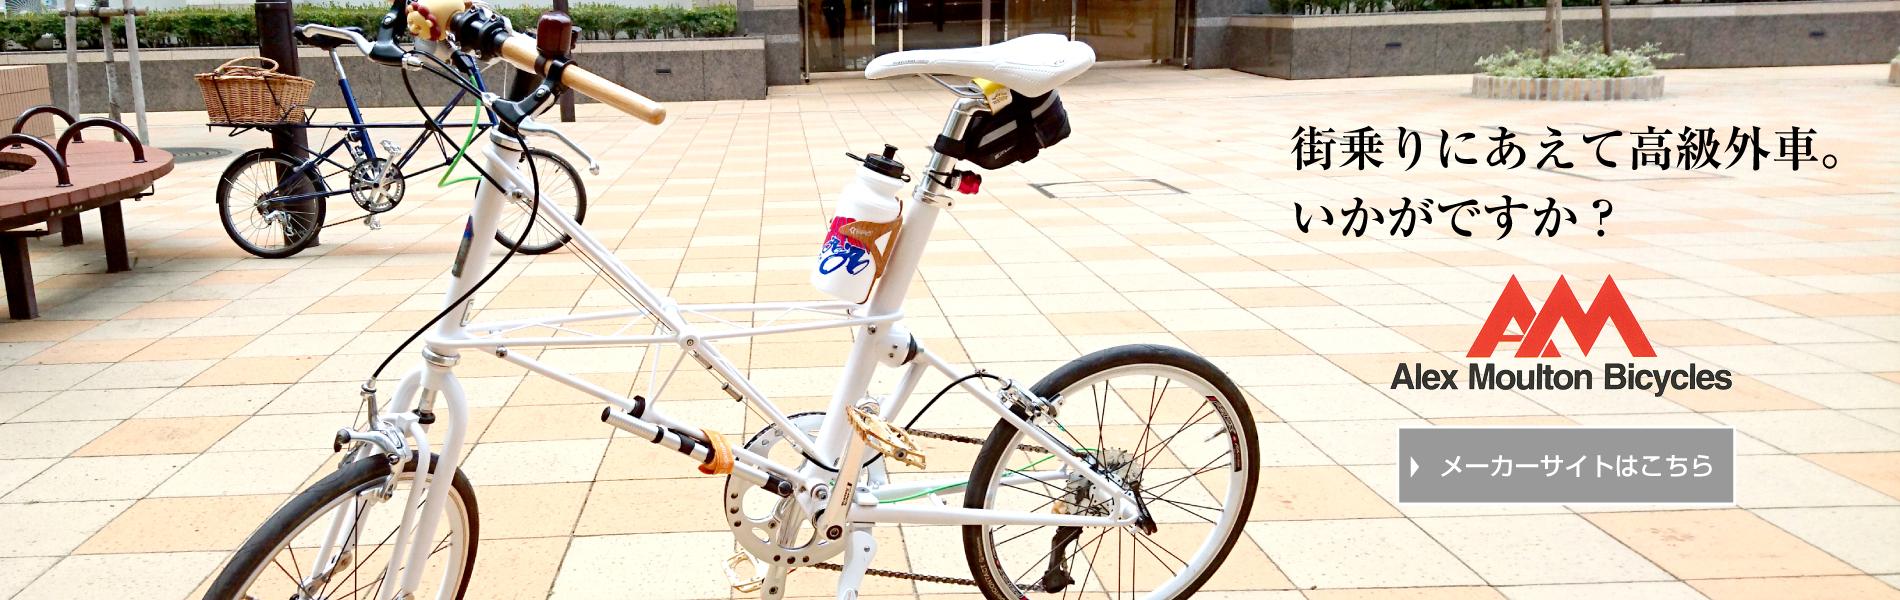 街乗りにあえて高級外車いかがですか?アレックスモールトン自転車